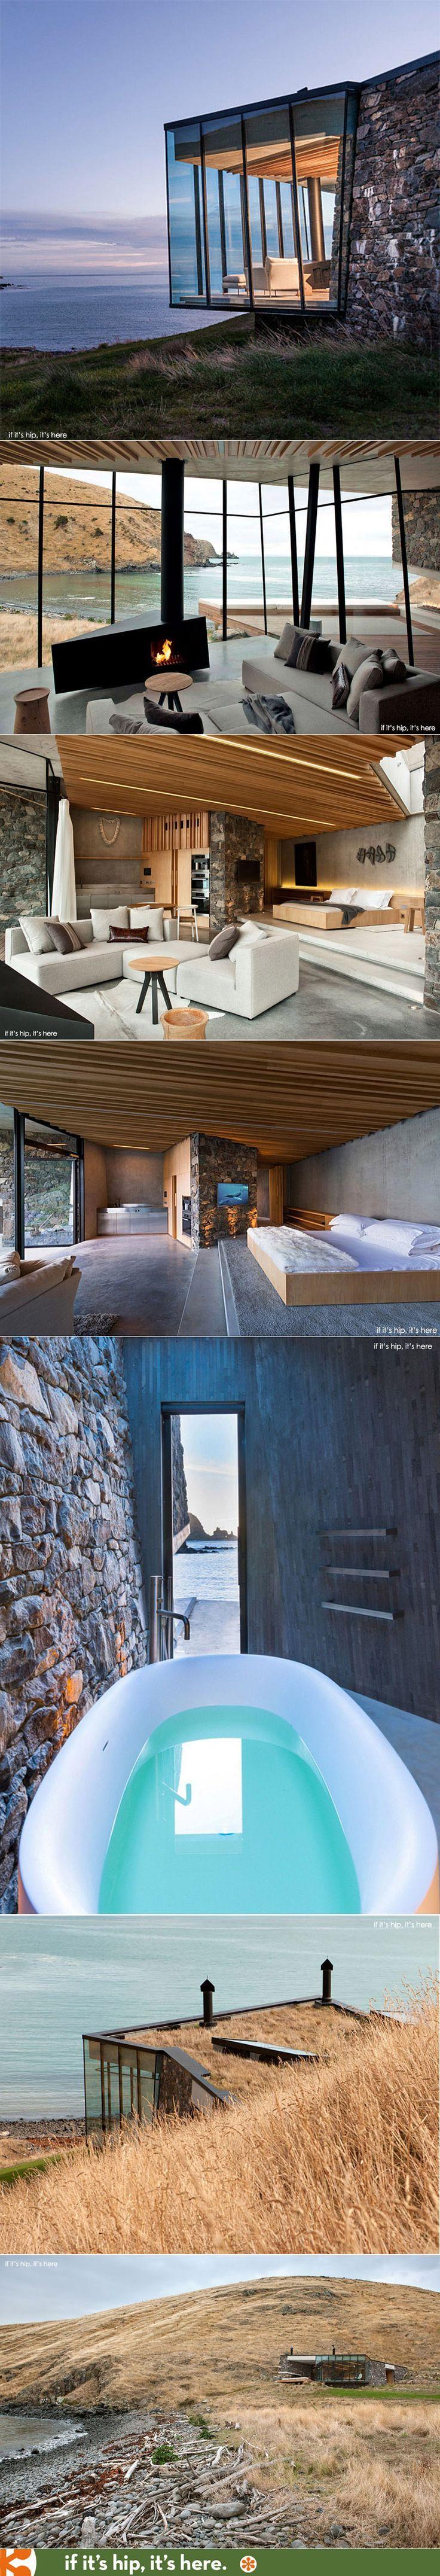 Espacio Habitable en Nueva Zelanda, estilo moderno contemporáneo http://www.ifitshipitshere.com/seascape-retreat-in-new-zealand/